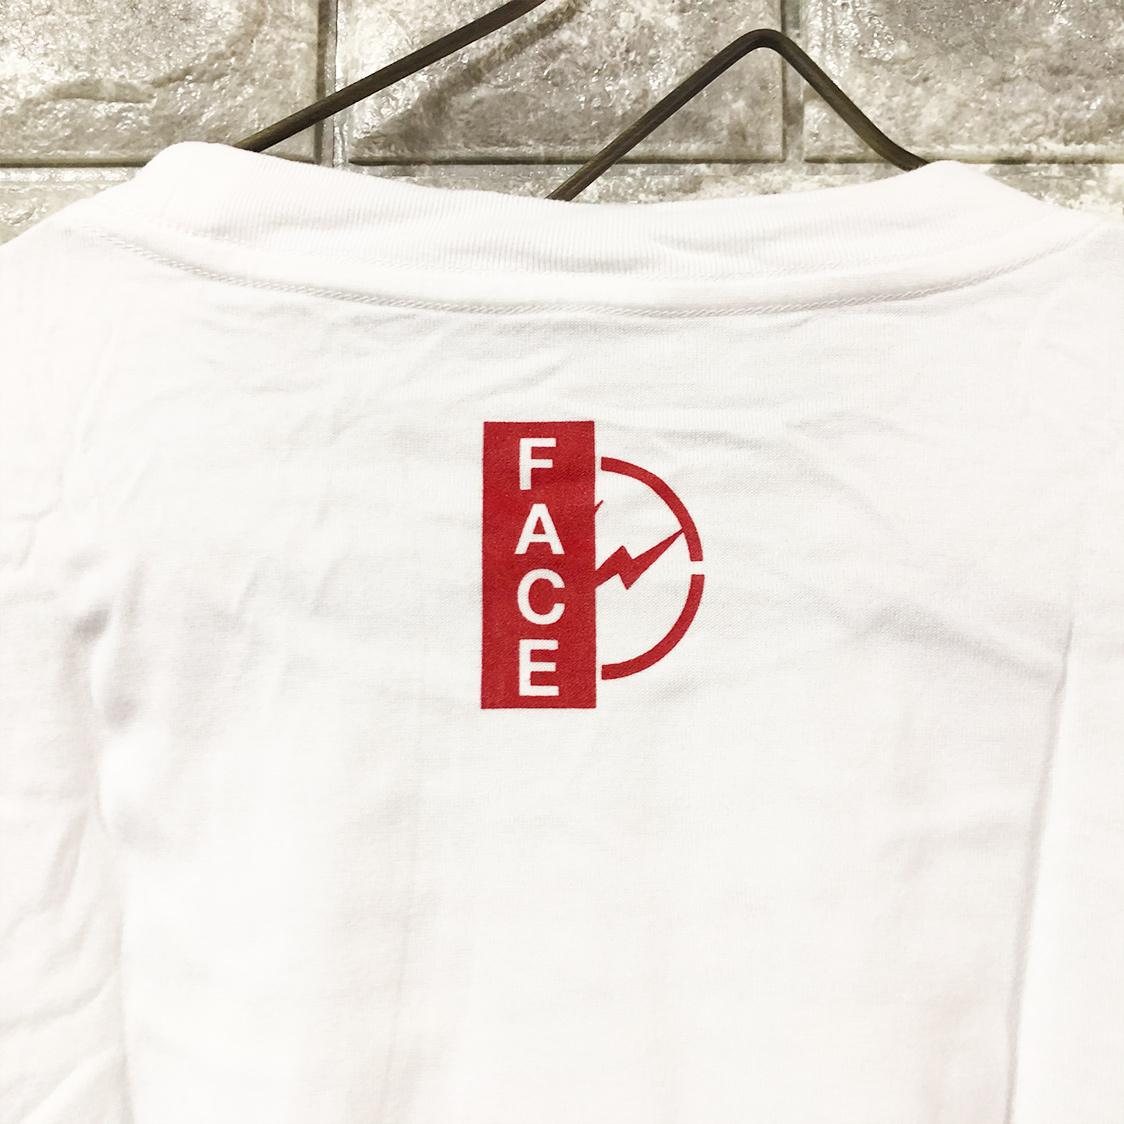 新品 FACETASM ファセッタズム × FRAGMENT THE CONVENI フラグメント ザ・コンビニ 【Lサイズ】 Tシャツ 半袖 藤原ヒロシ ペットボトル